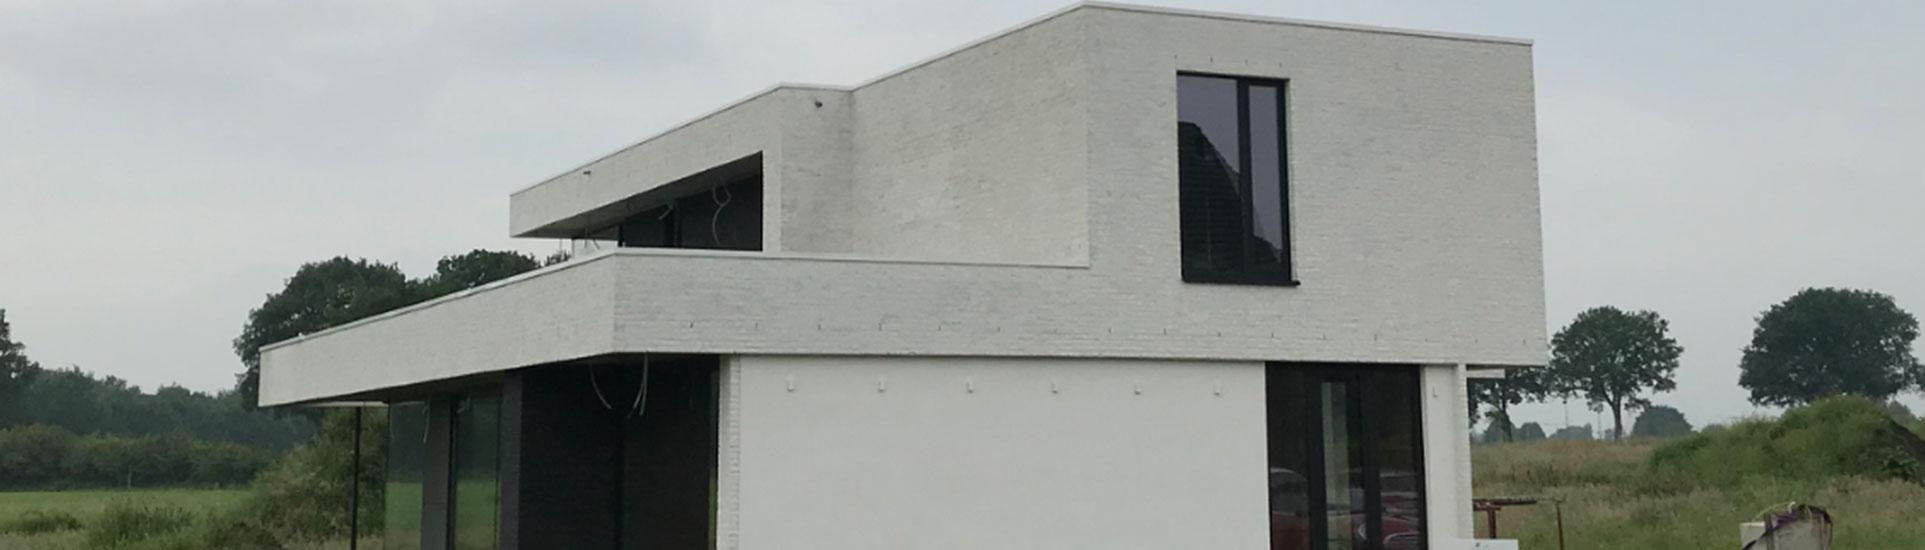 Nieuwbouw-te-Mechelen-10